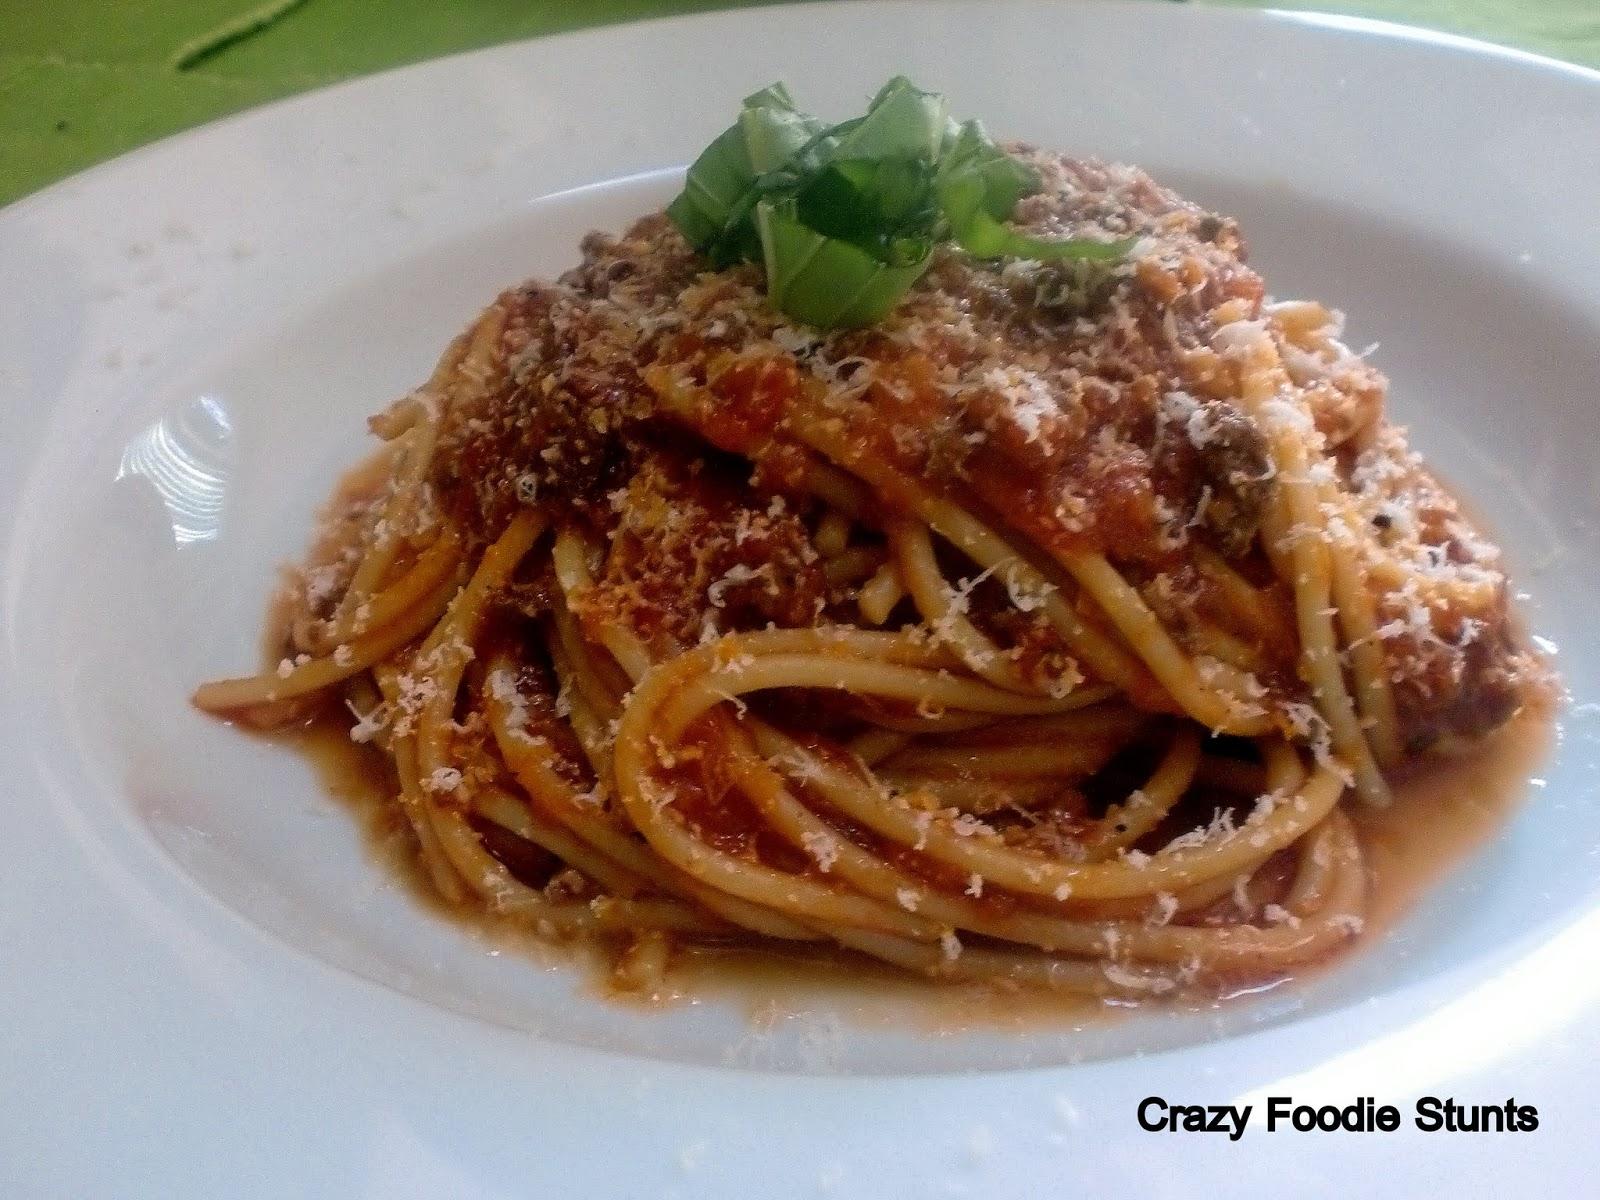 Crazy Foodie Stunts: Spaghetti alla Bolognese